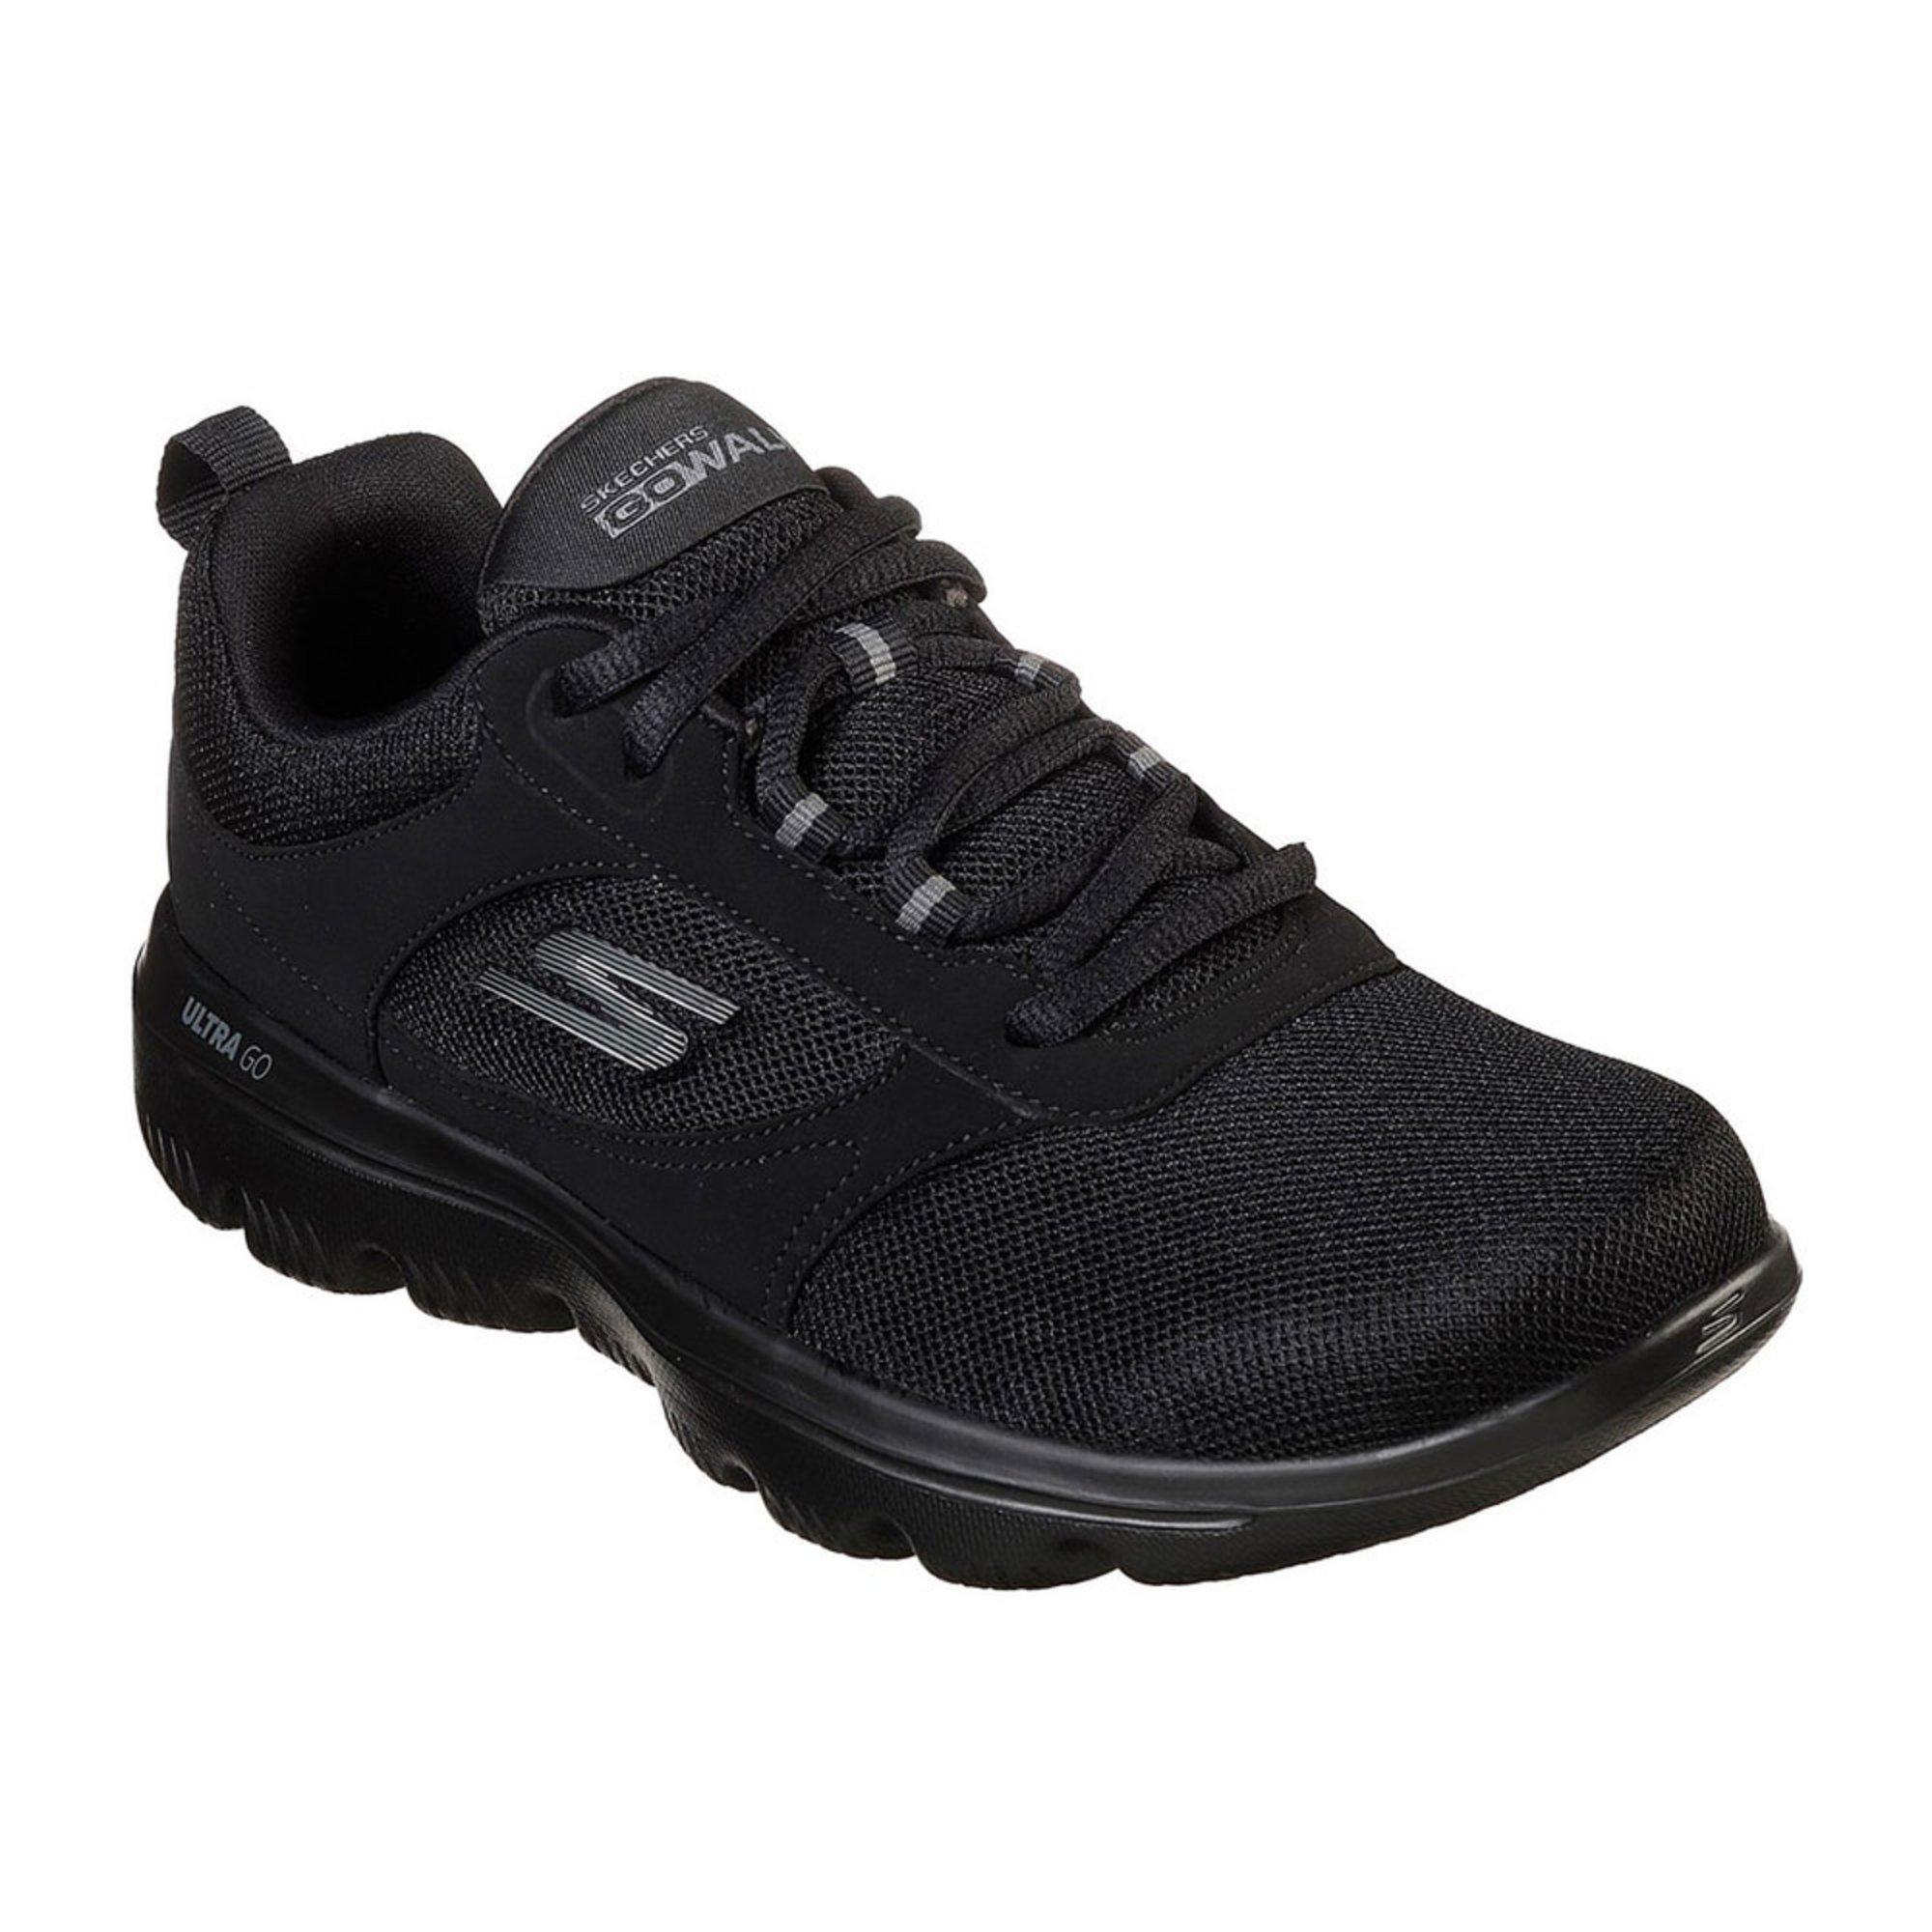 26e9350656ea Skechers. Skechers Women s Sport Go Walk Evolution Walking Shoe